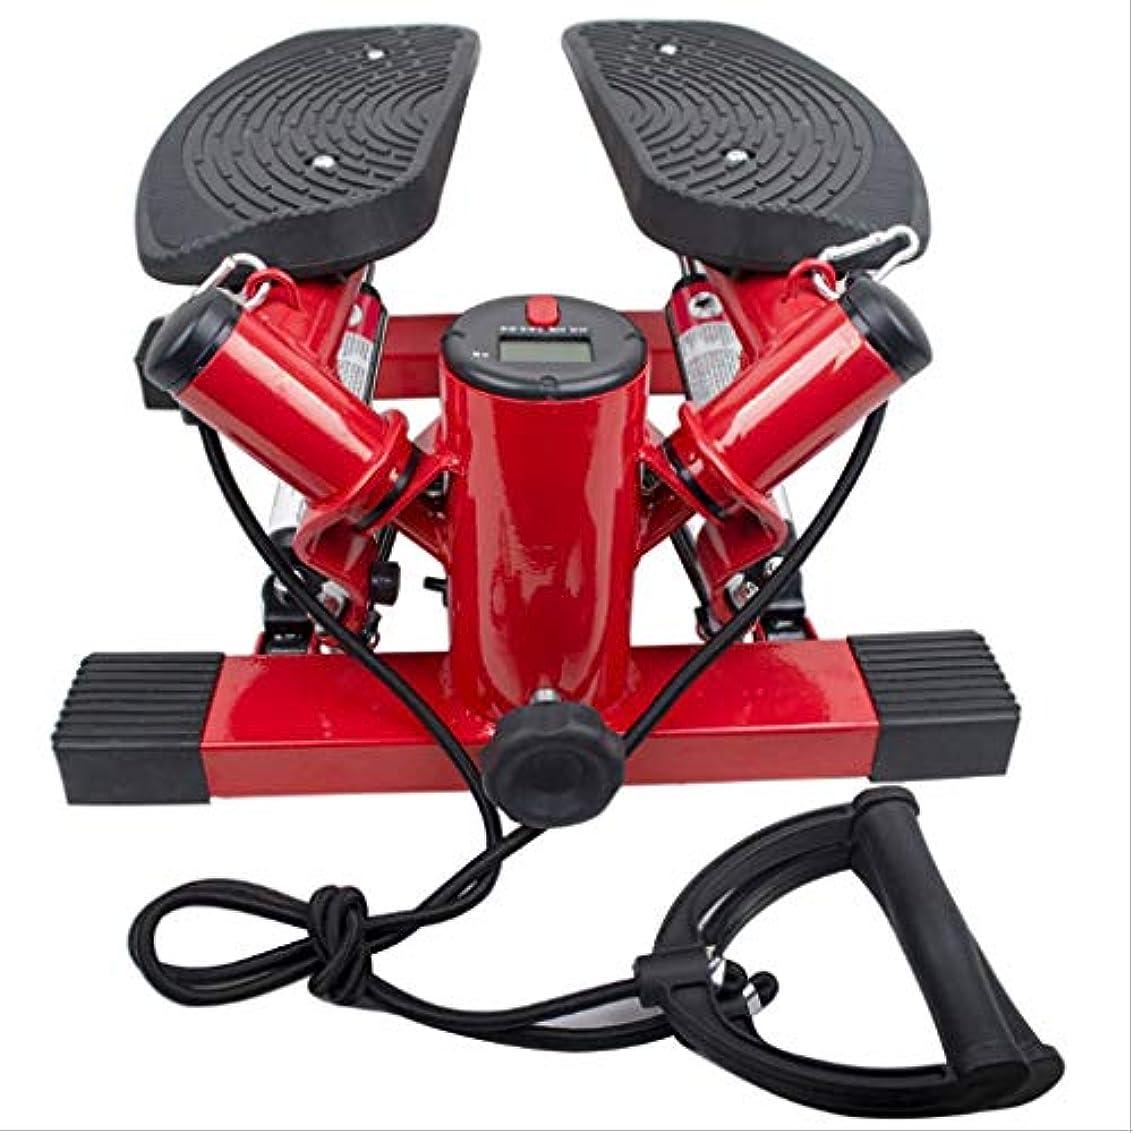 傾いた煙ソーシャルステッパーステッパー家庭用フィットネス機器ミニホームトレーナーミニステッパー - ペダルマシン